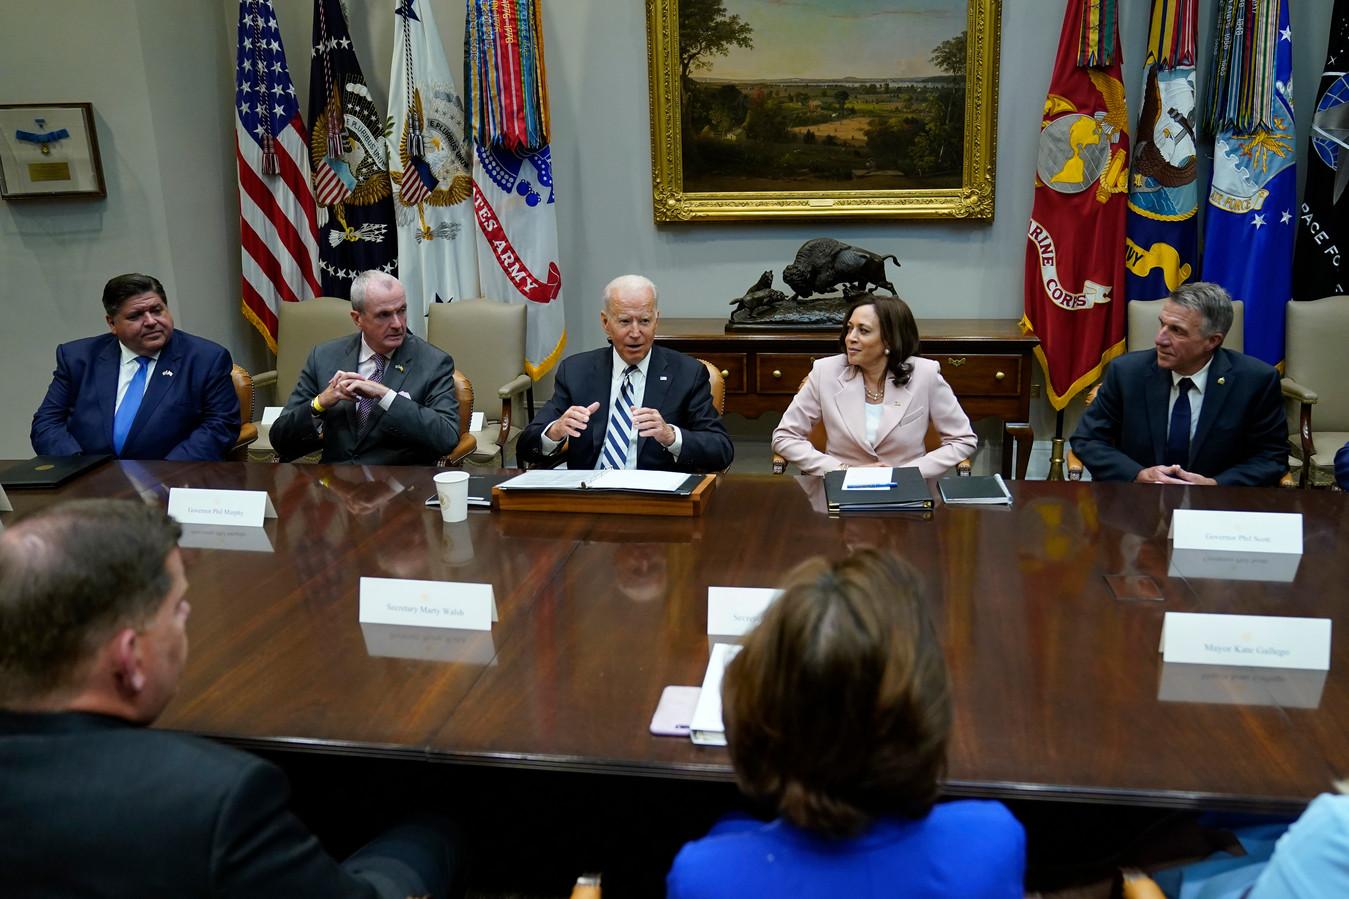 De Amerikaanse president Joe Biden tijdens een van de besprekingen met de senaat en andere politici over het infrastructuurpakket waarover woensdag overeenstemming is bereikt.